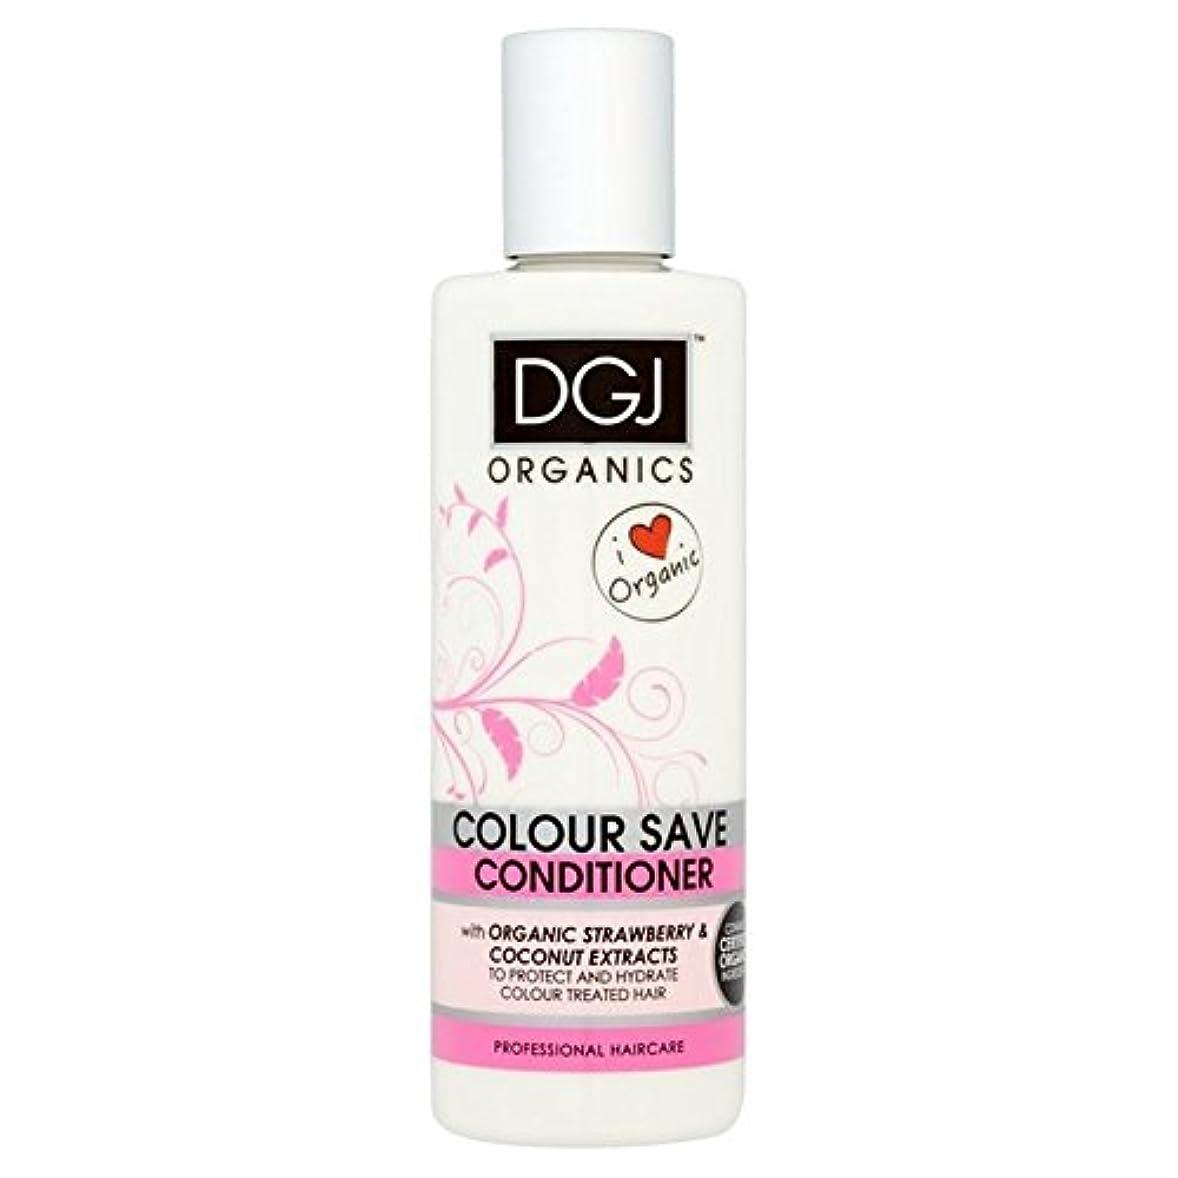 封建収縮ベルトDGJ Organics Colour Save Conditioner 250ml - 有機物の色コンディショナー250を保存 [並行輸入品]